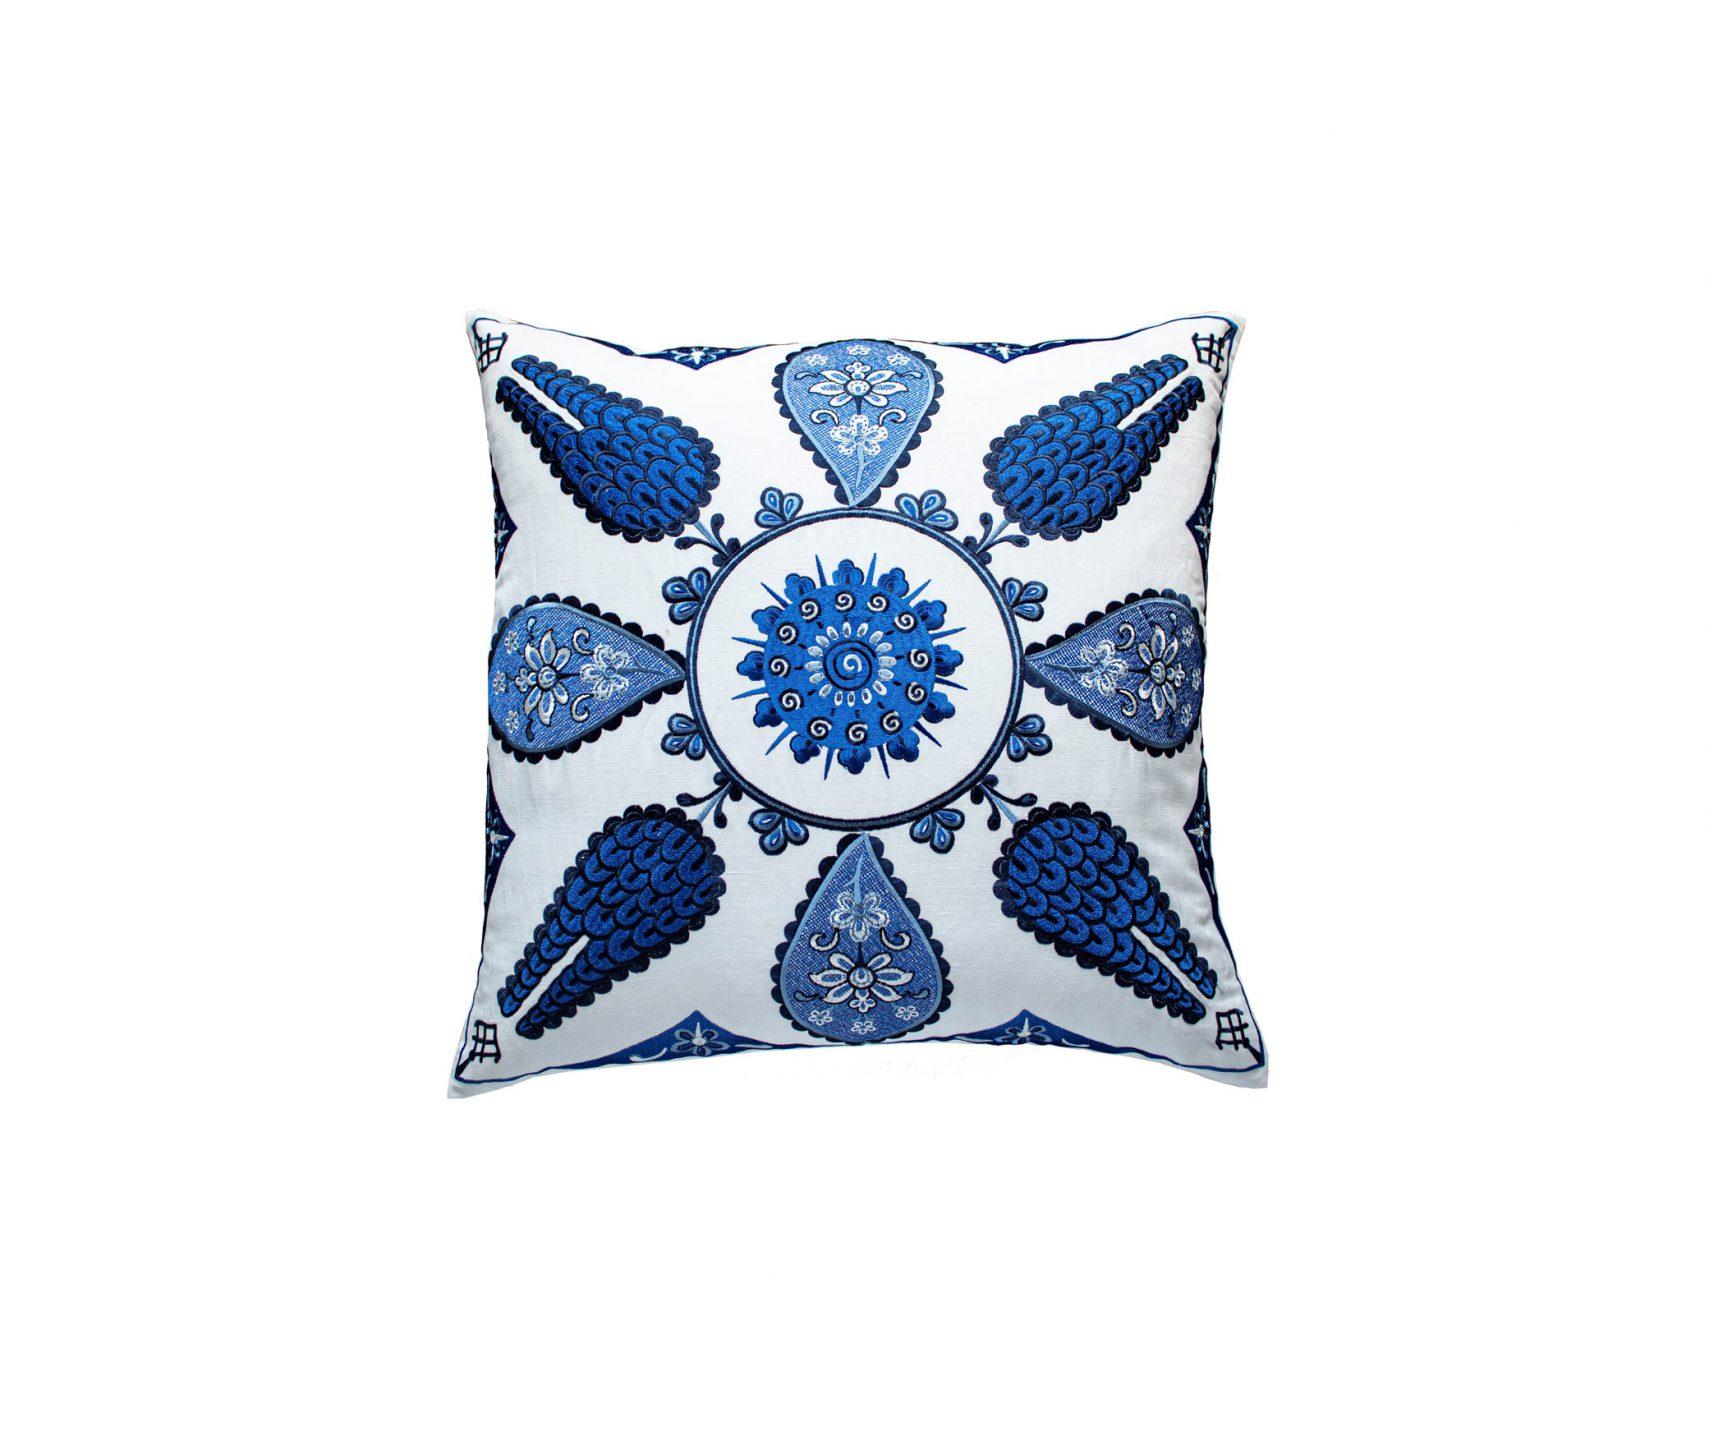 Ann-Gish_Iznik-Pillow_int_products